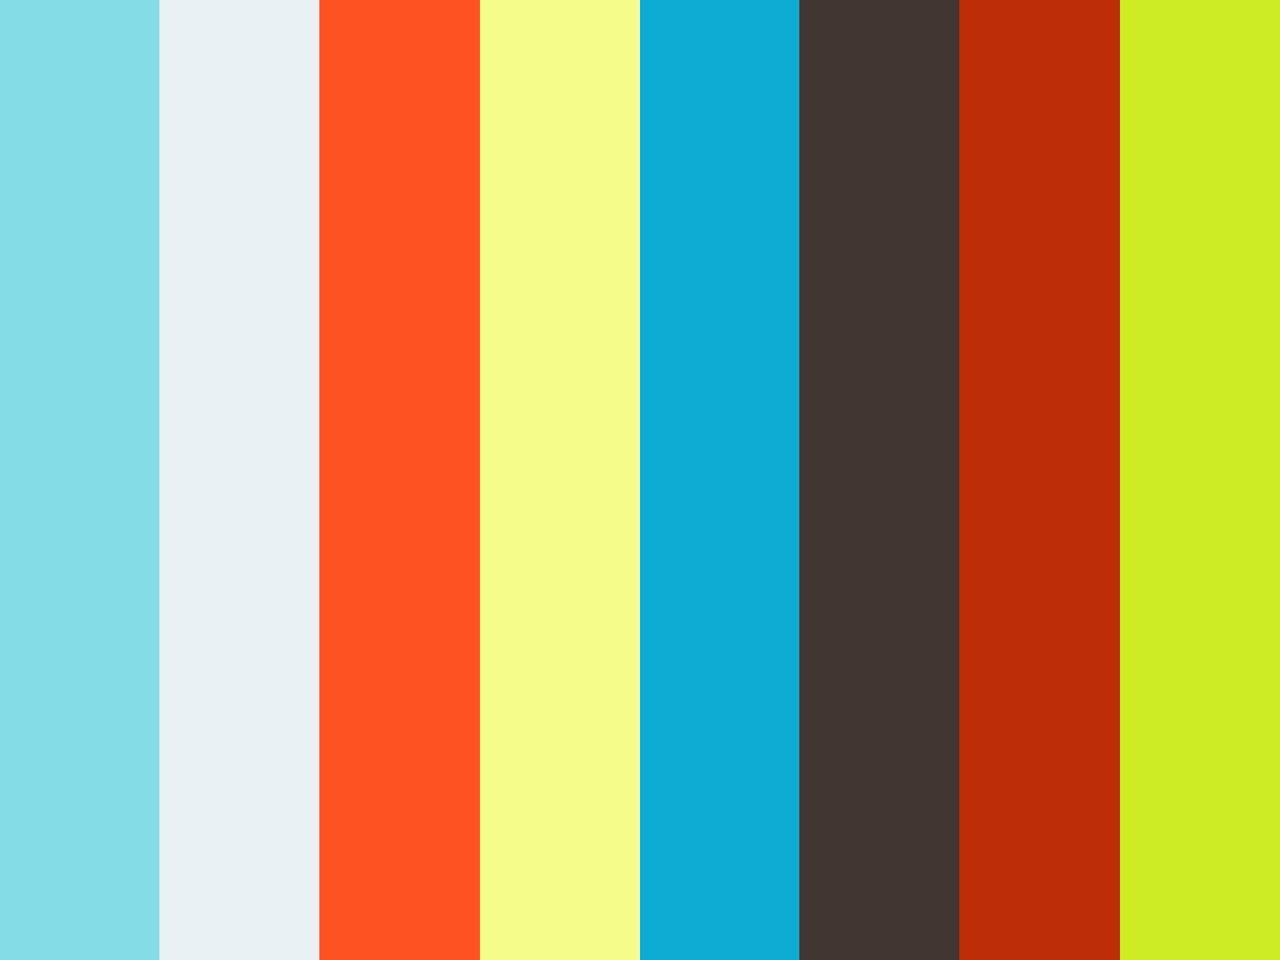 Benoit Cote Color Grading Reel 2016